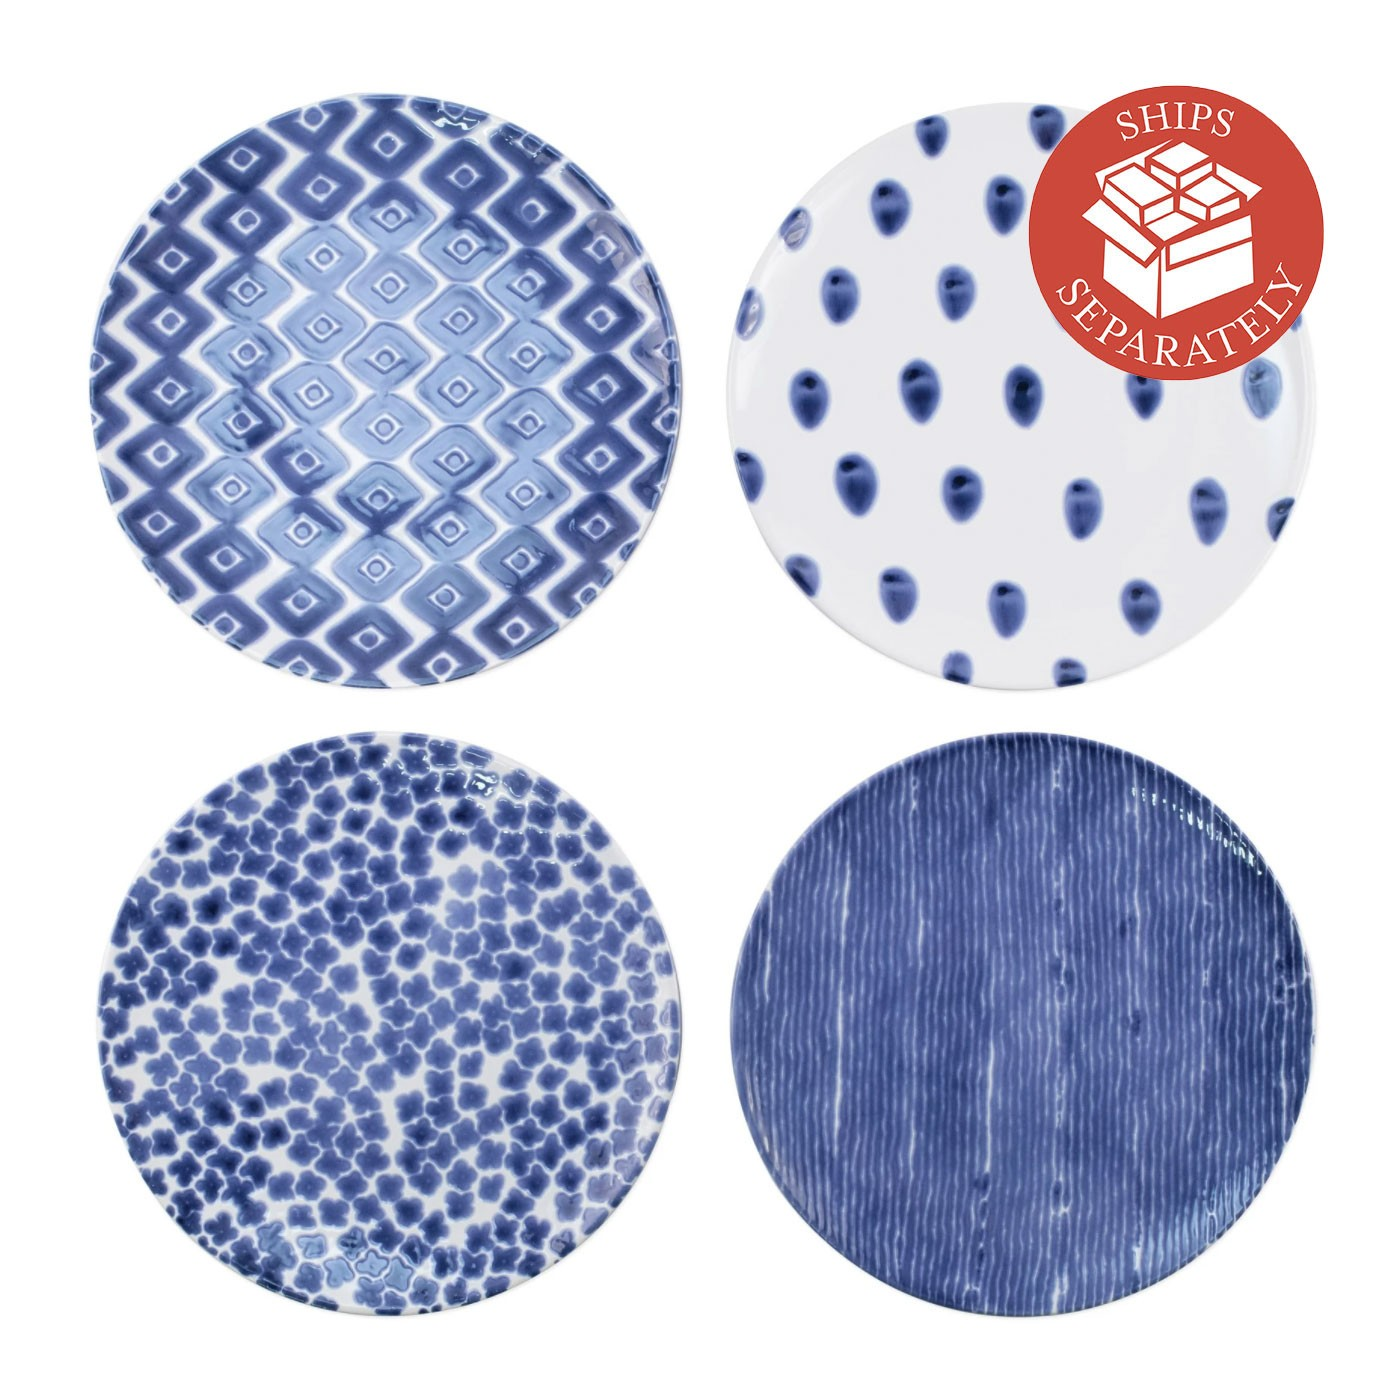 Santorini Assorted Dinner Plates - Set of 4 - Vietri | Eataly.com